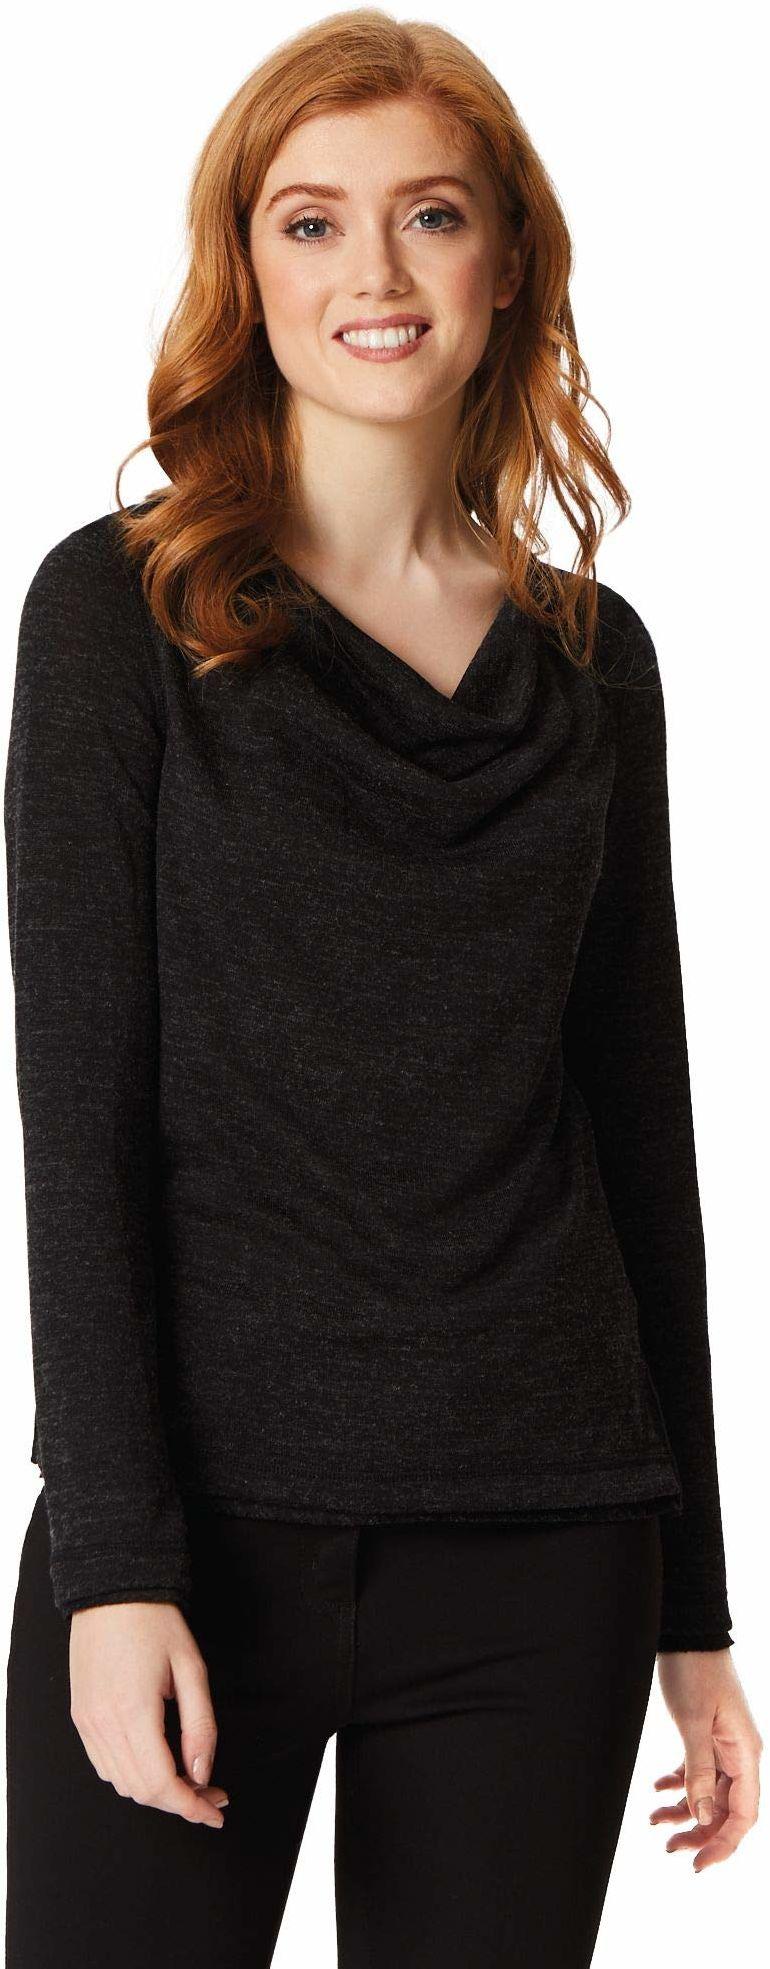 Regatta damska Frayda lekka wełniana czapka pod szyję długi rękaw top T-shirty/koszulki polo/kamizelki Czarny Size: 8